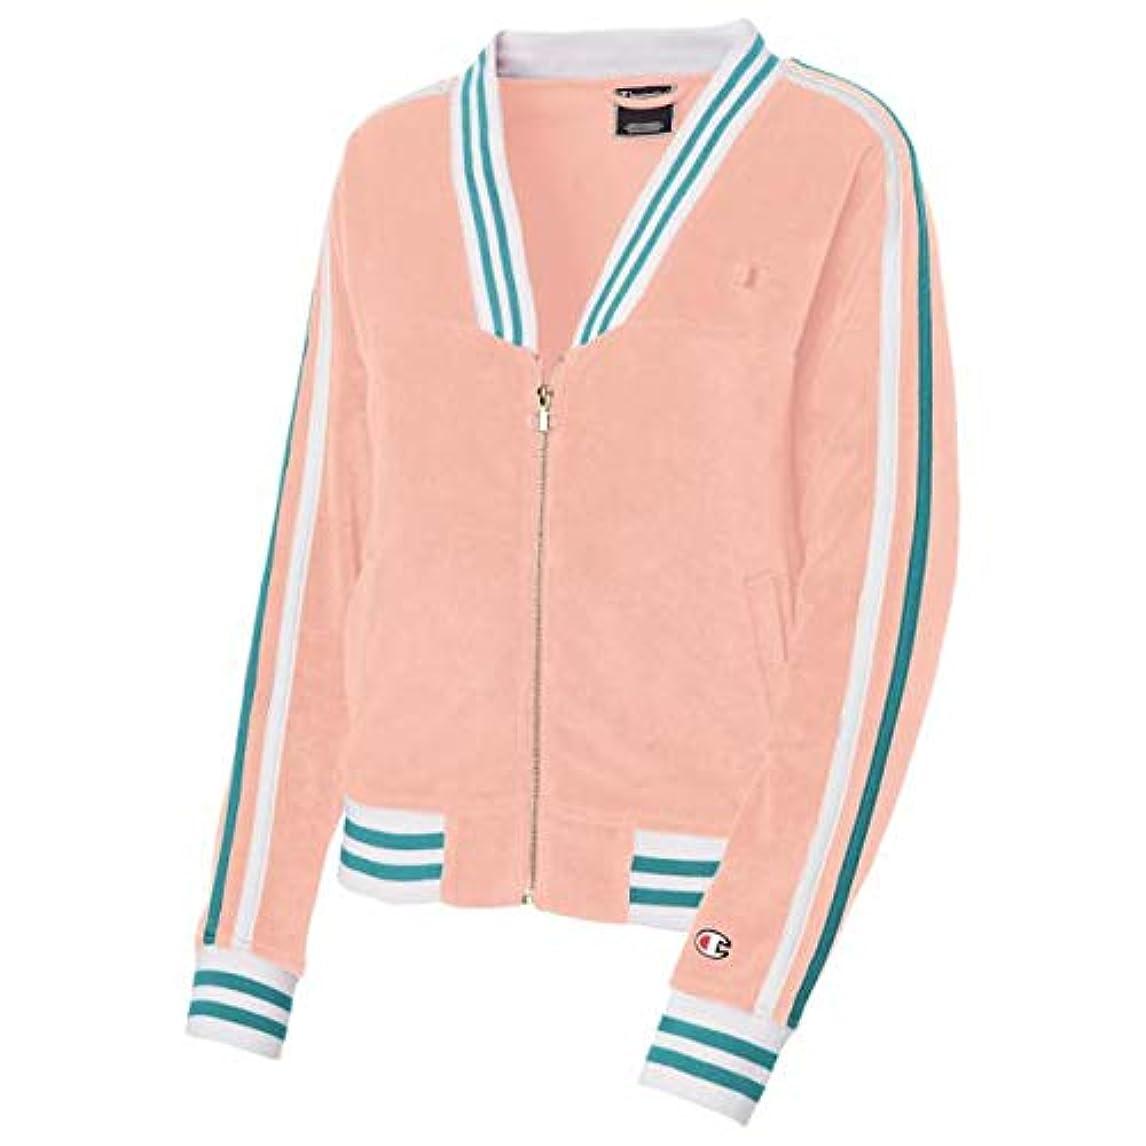 帰する起訴する倒錯(チャンピオン)Champion Terry Cloth Modern Warm-Up Jacket レディース ジャケット?トレーナー [並行輸入品]